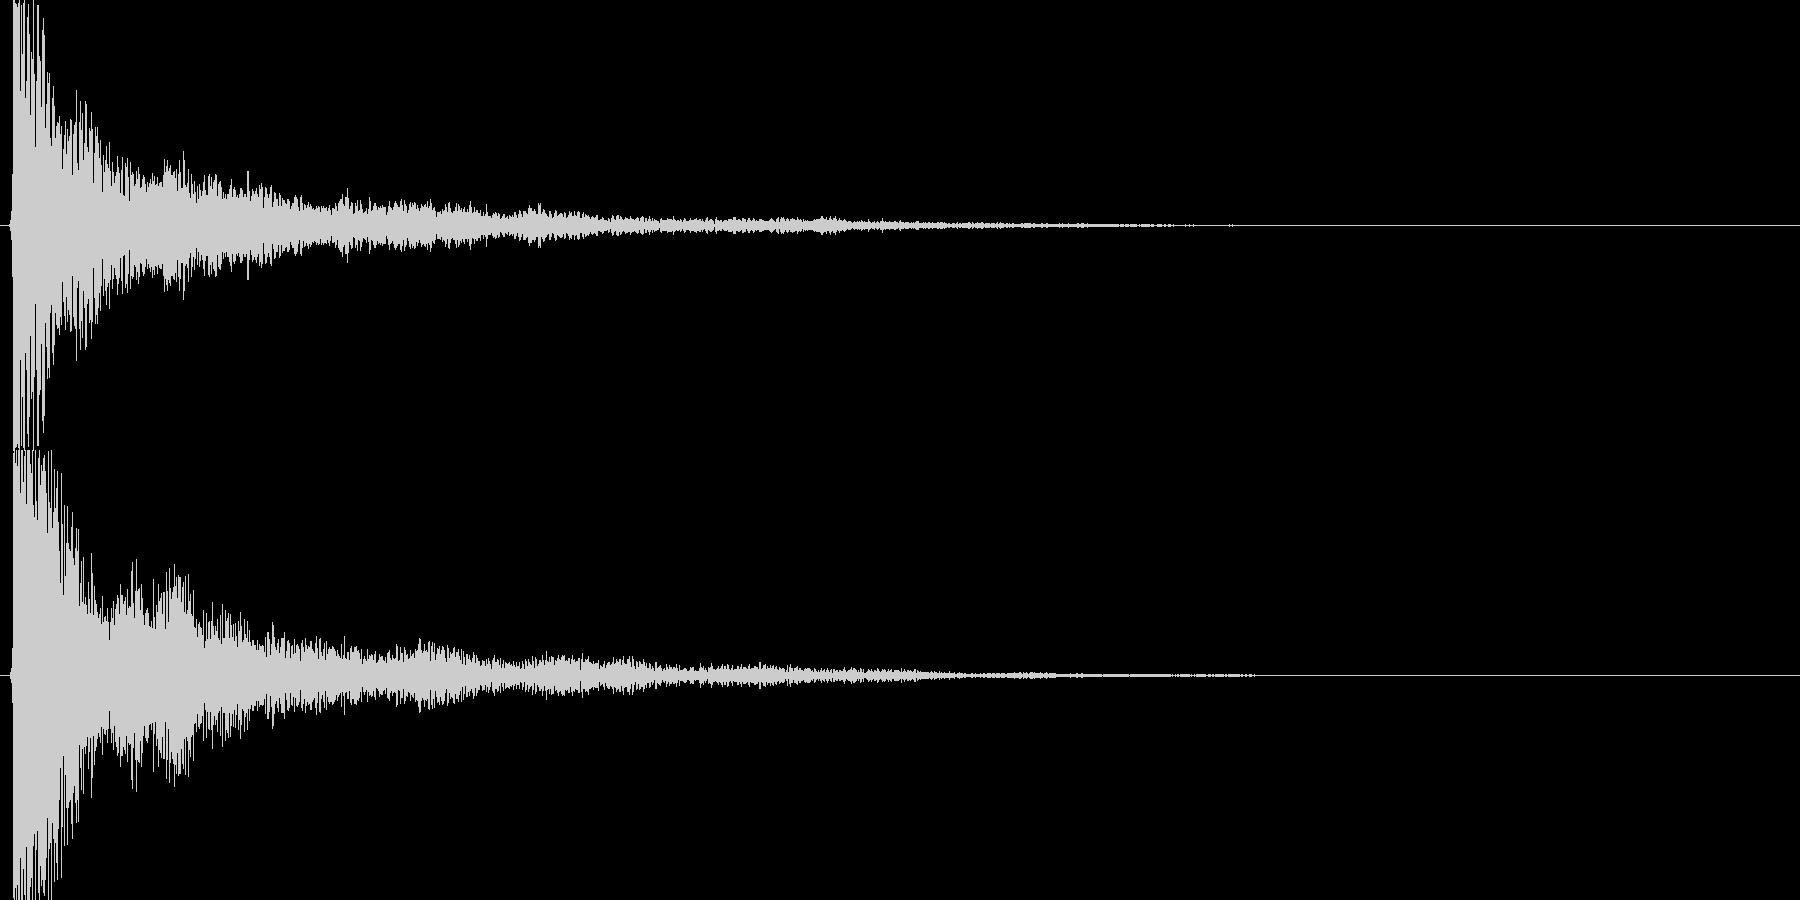 和風クリック音源【-12dBFS】の未再生の波形